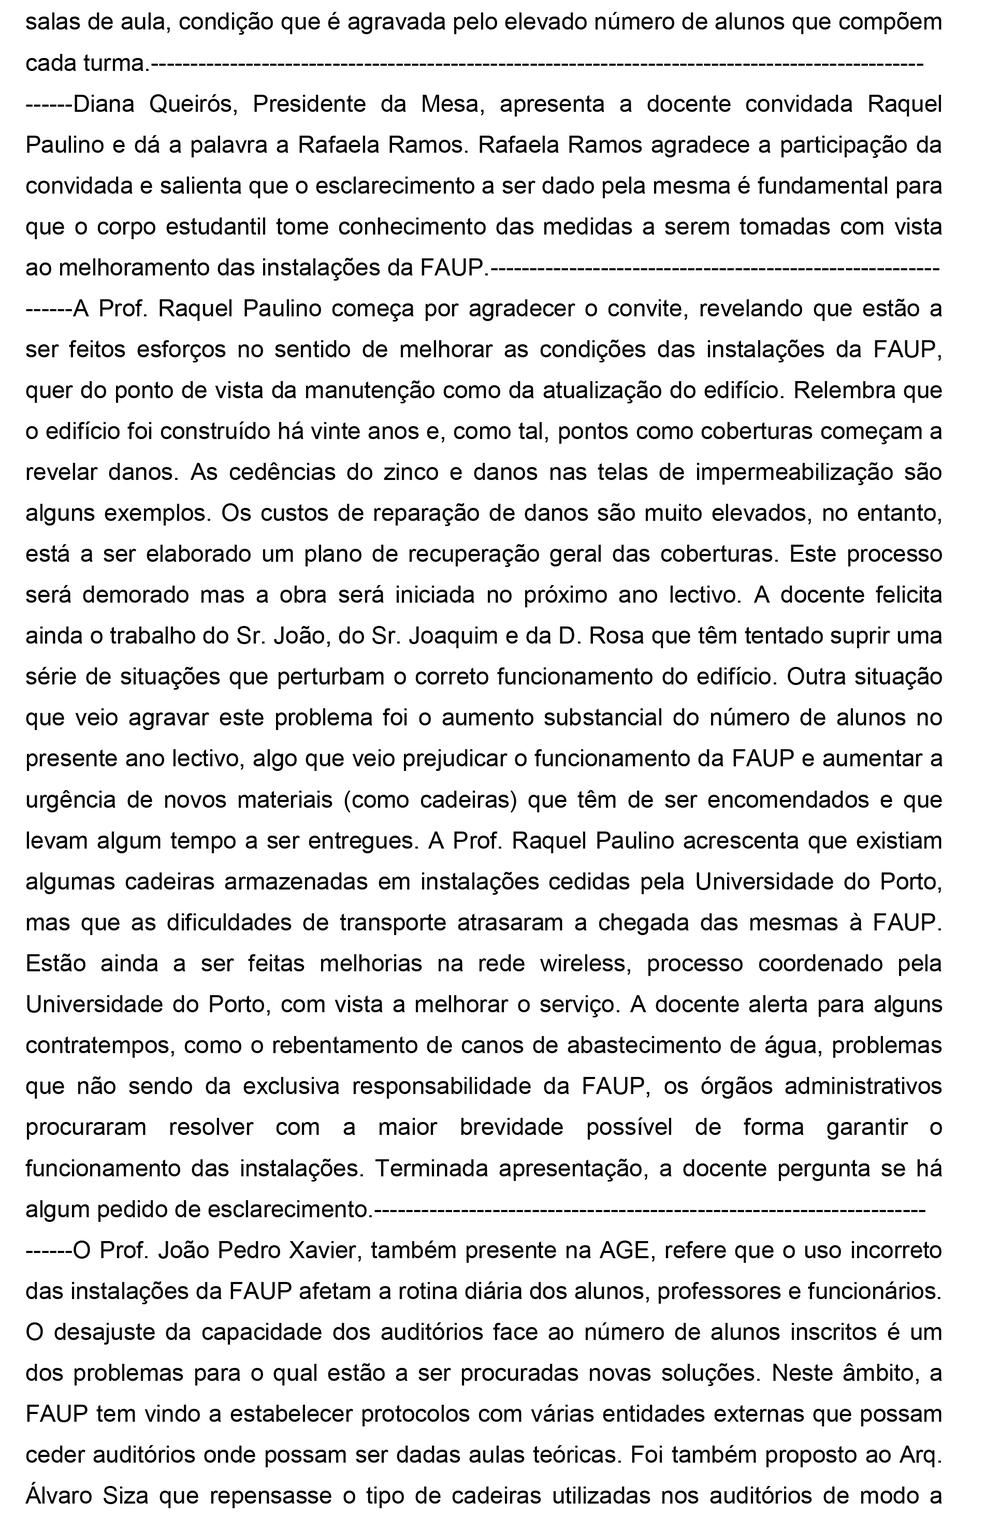 Acta 28 de Outrubro de 2014 -  Esclarecimento do estado das instalações-2.jpg